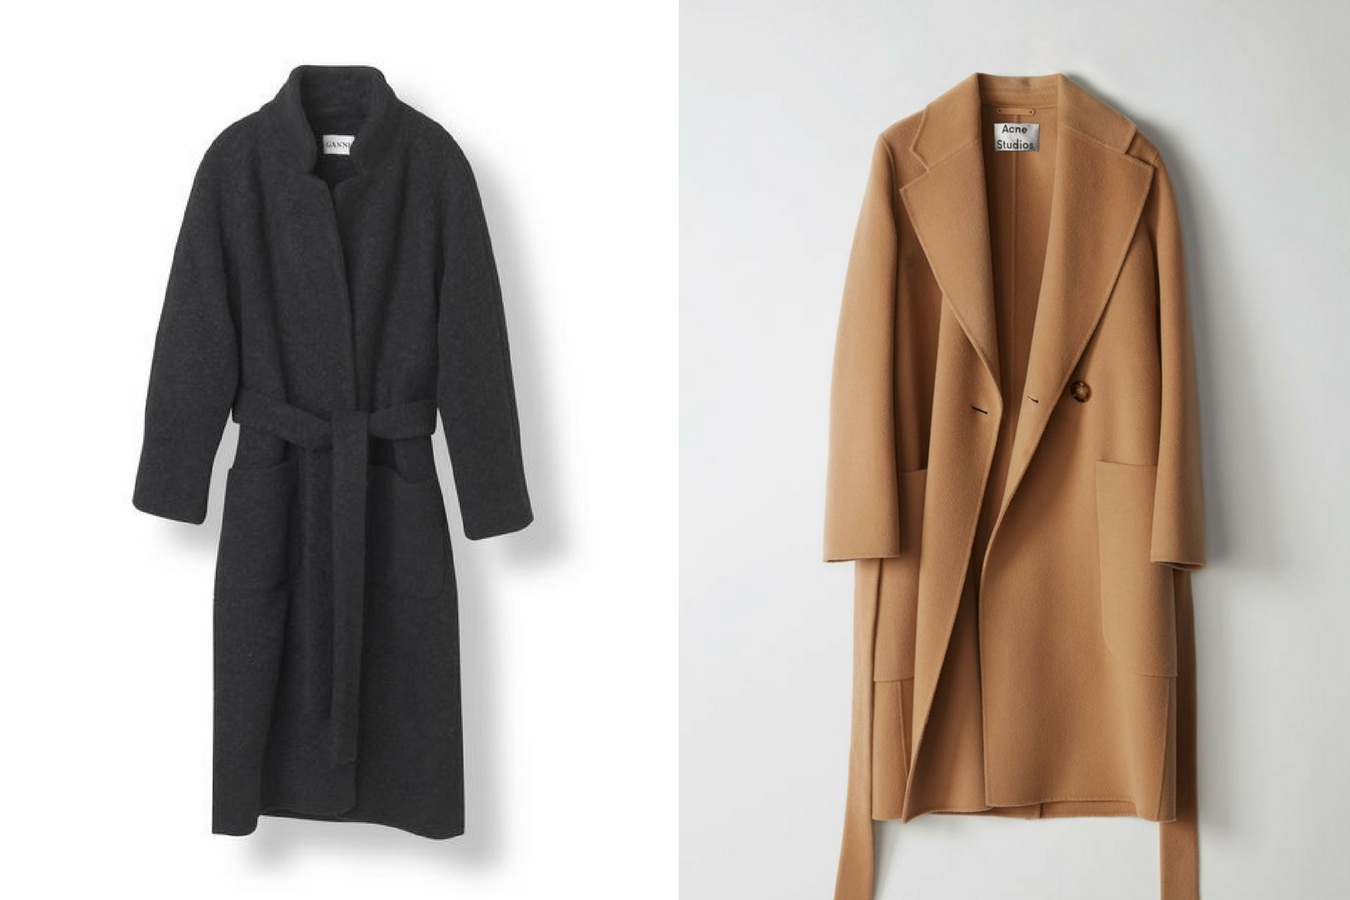 Winterjas 2019 Trend Dames.Dit Zijn De 6 Winterjassen Trends Voor 2018 Shoptips Cotton